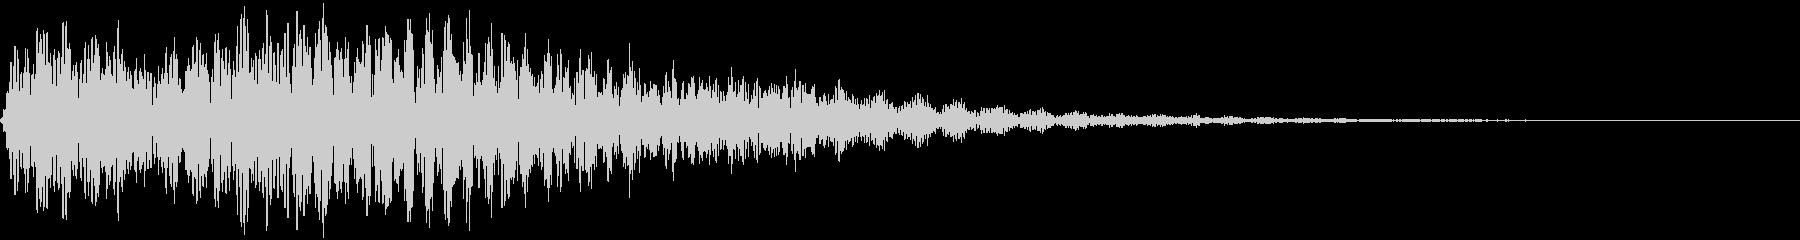 【ダーク・ホラー】アトモスフィア_19の未再生の波形